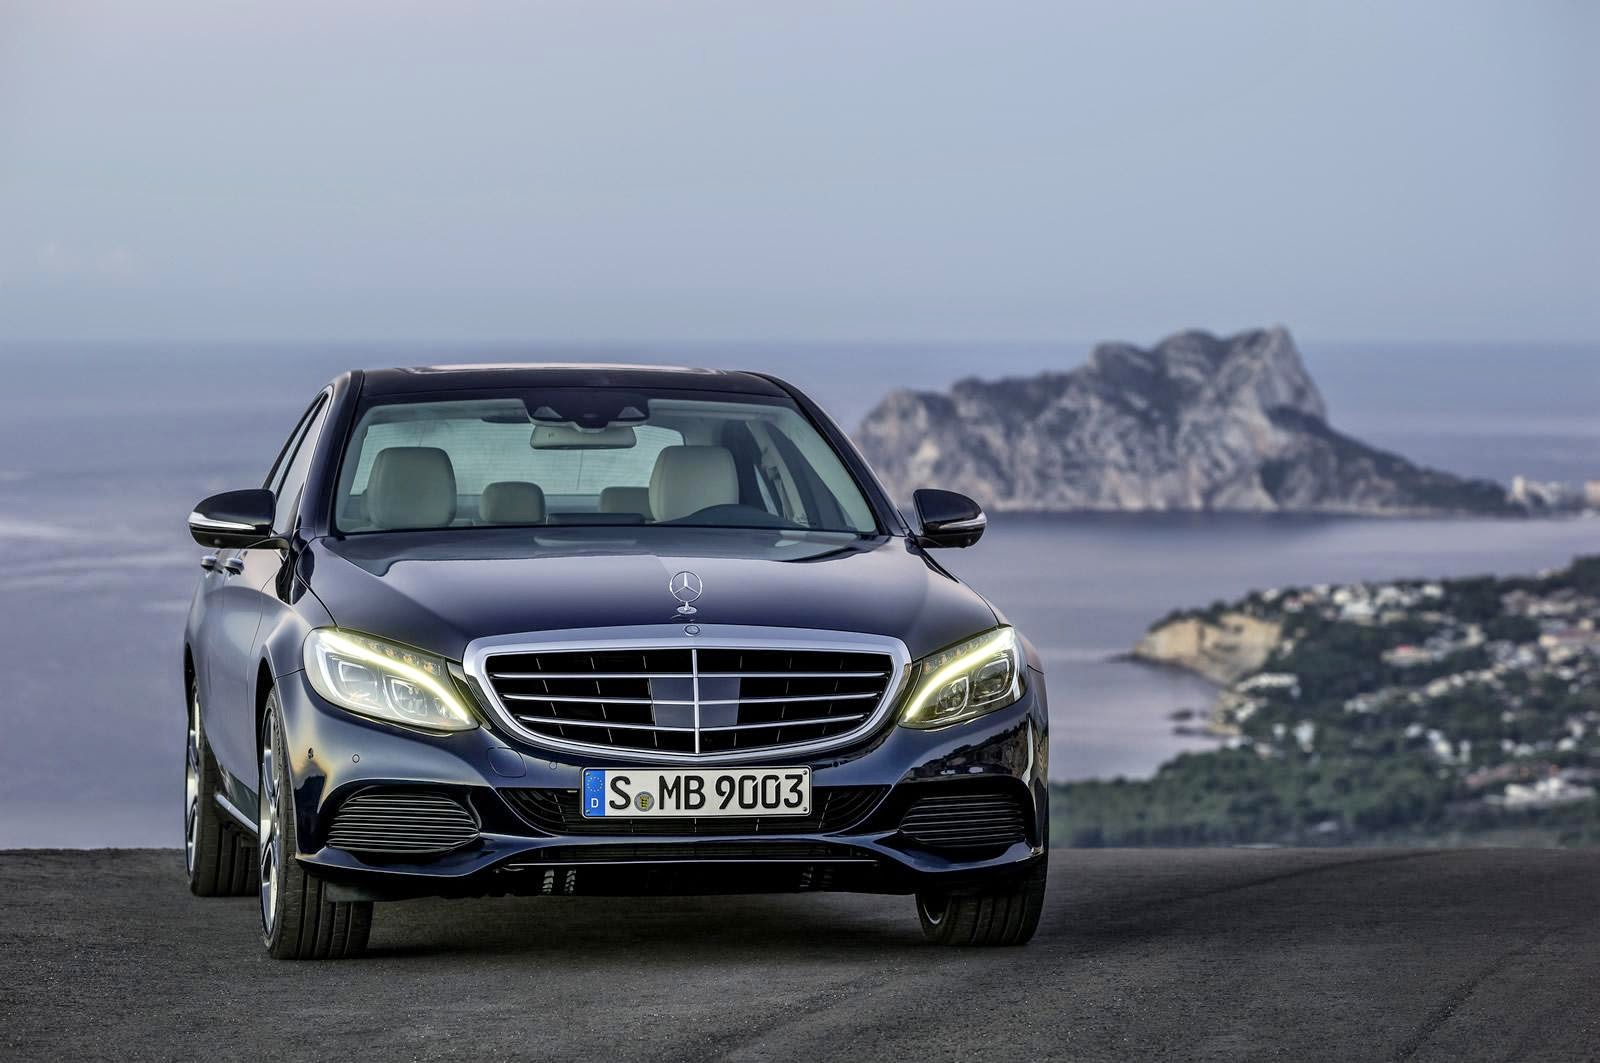 Mercedes-Benz C-Class HD Wallpaper